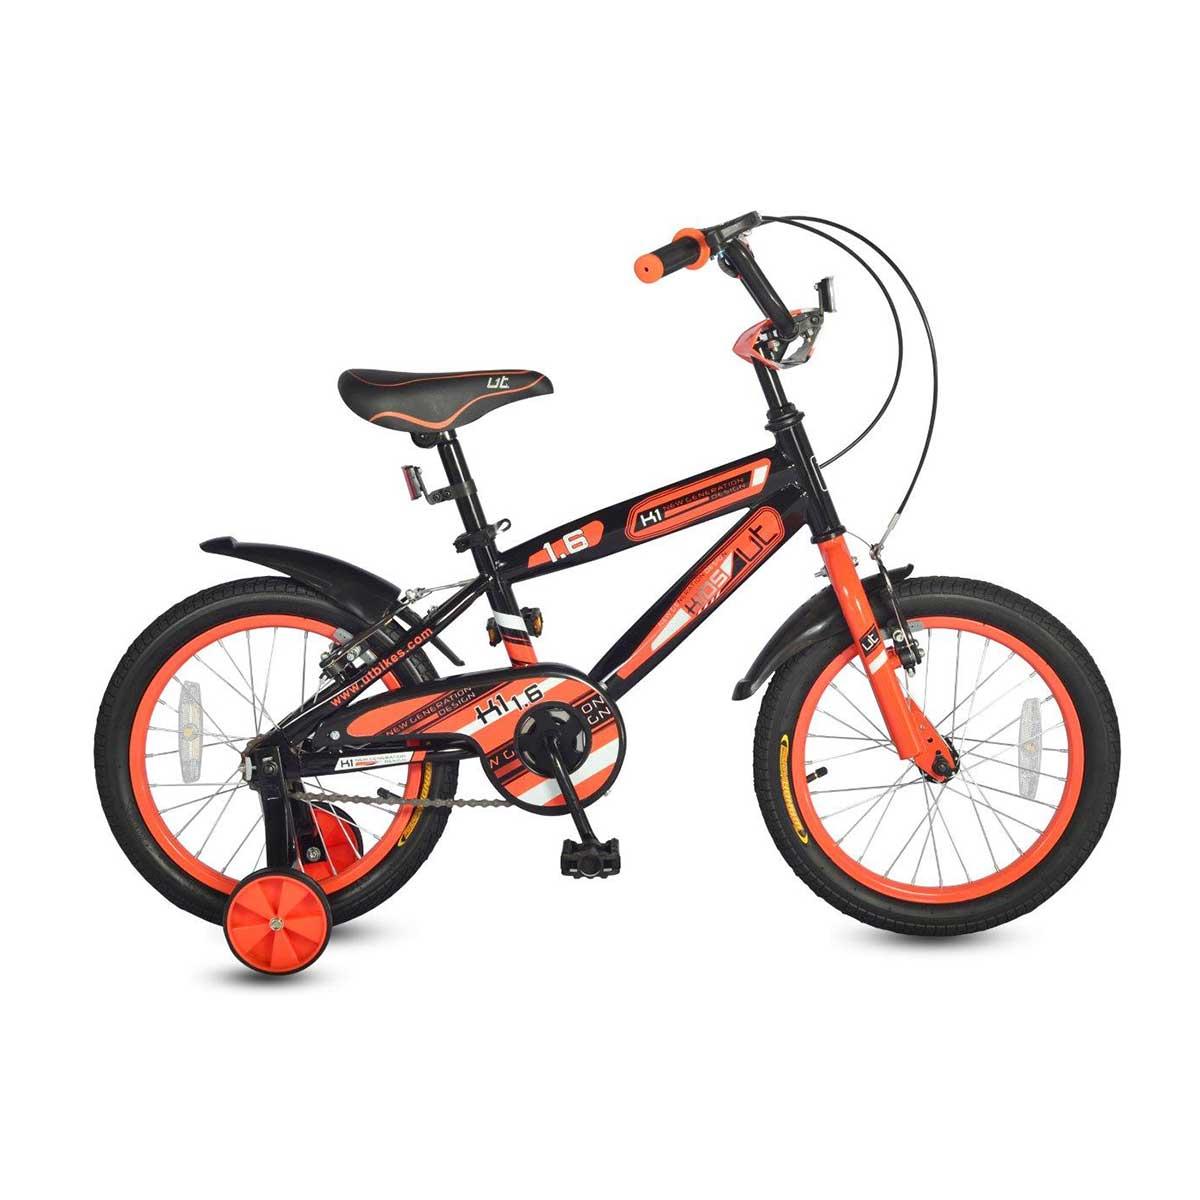 Buy Ut K1 Kids Bike Online India Ut Bikes